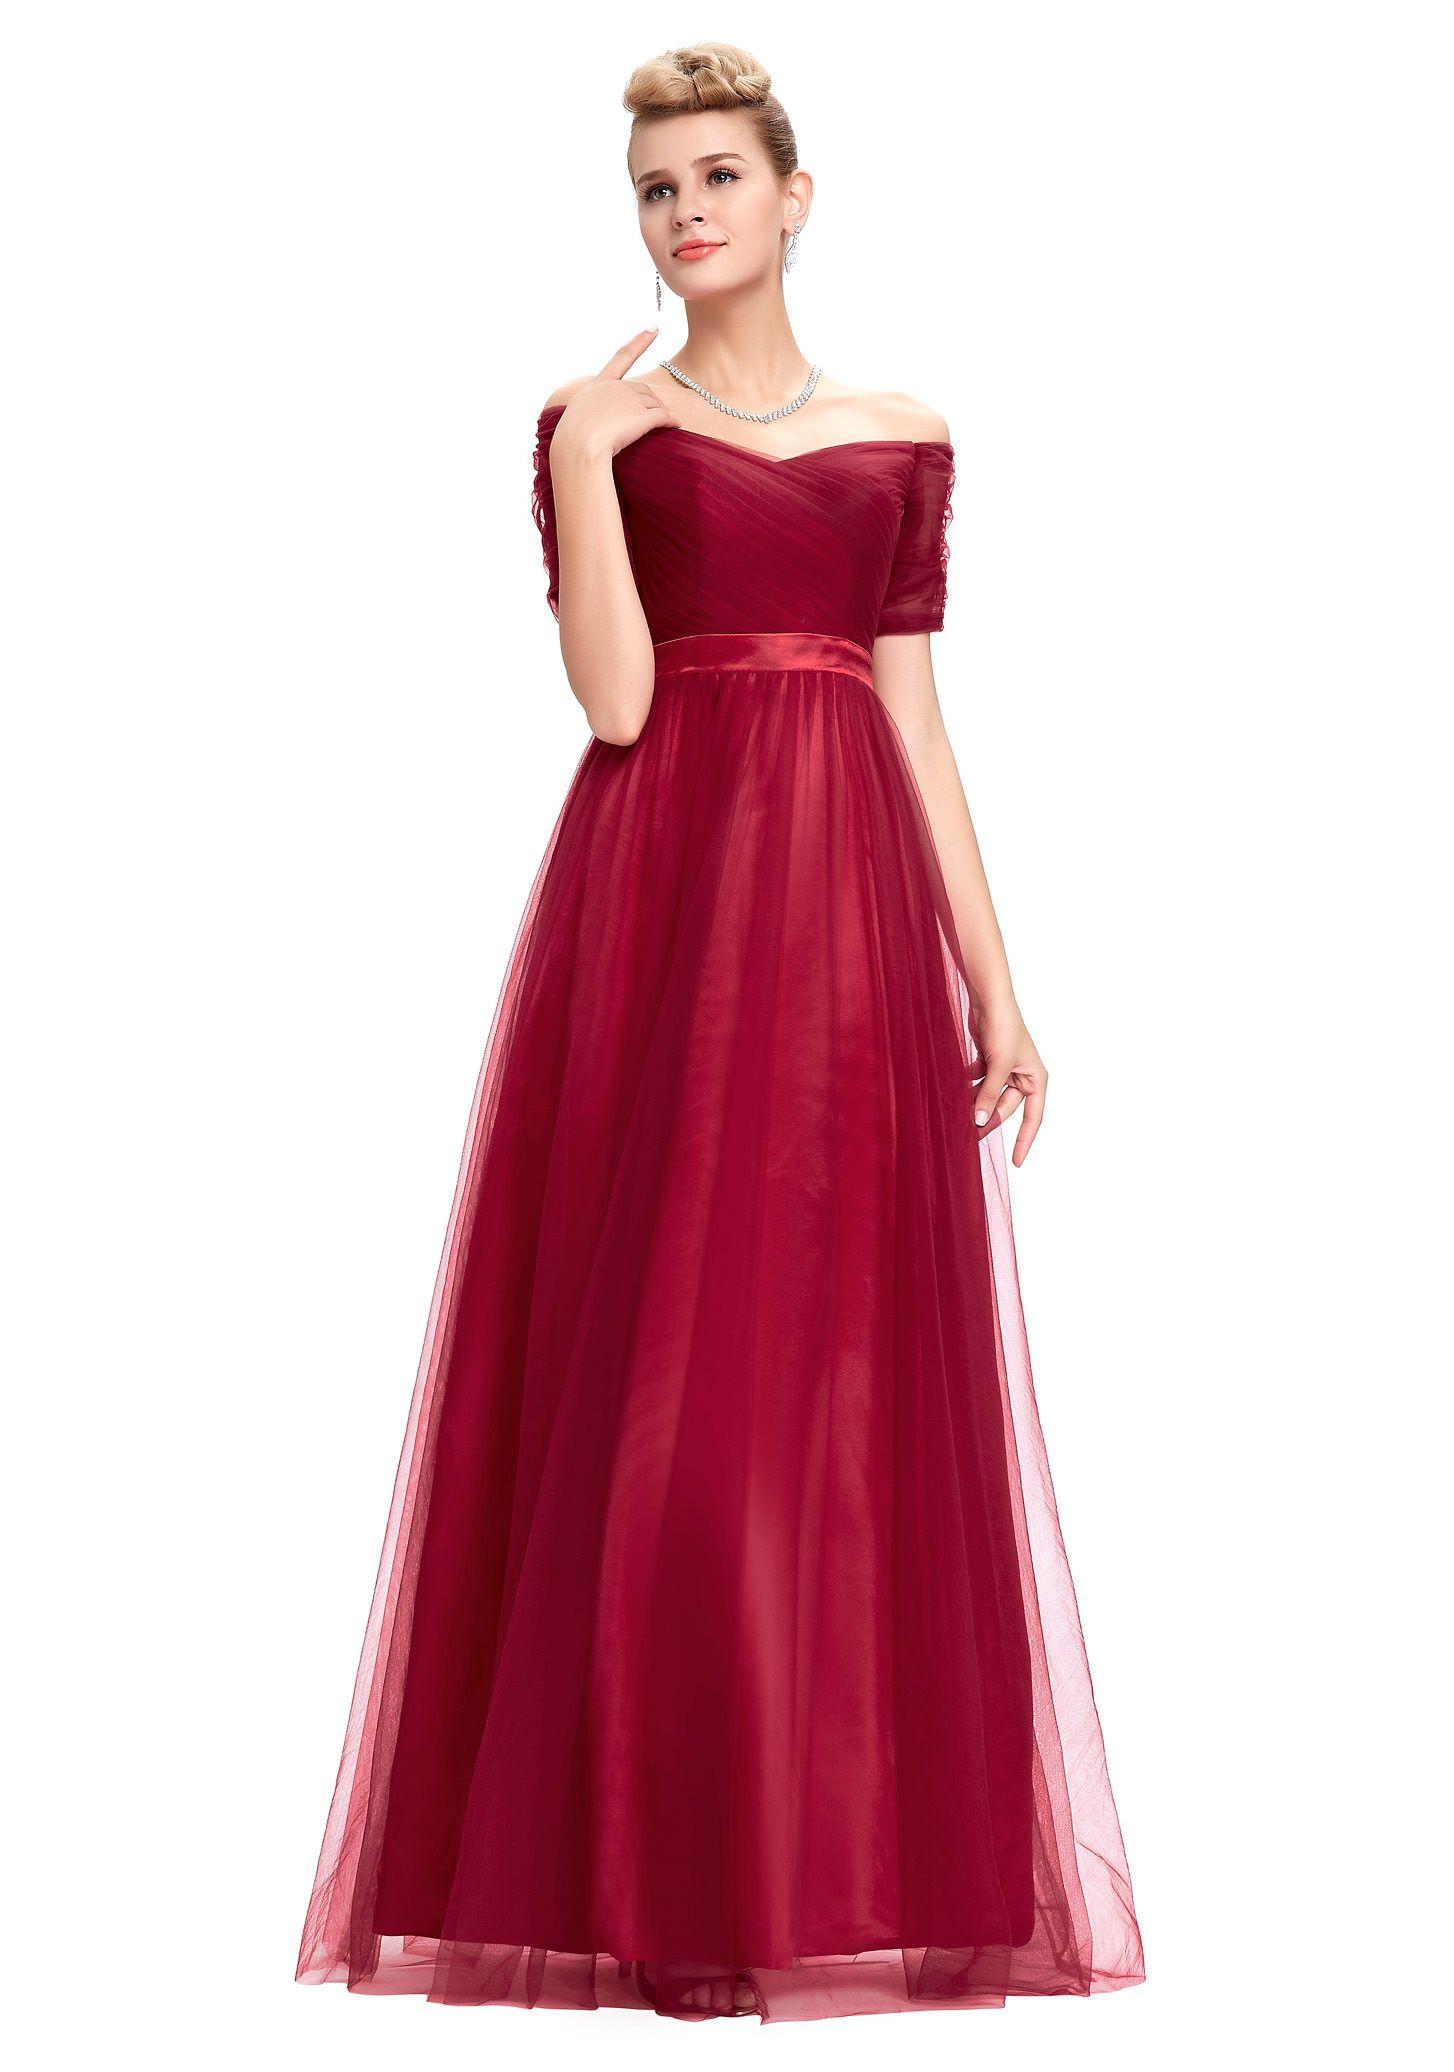 Schulterfreies, langes Abendkleid in Rot mit kurzen Ärmeln ...